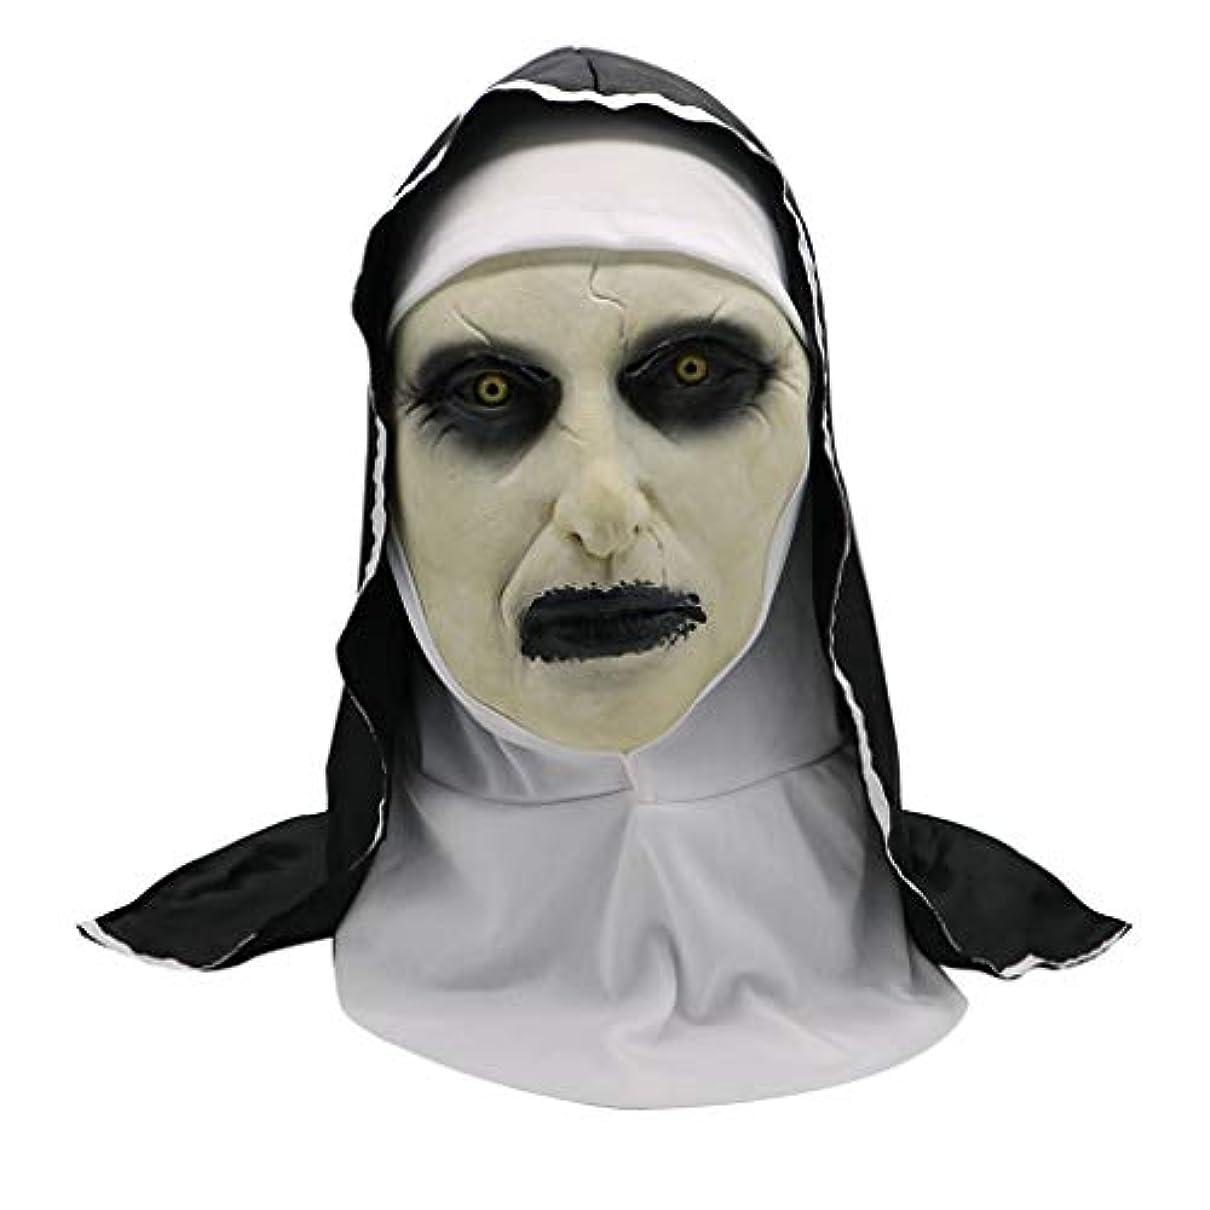 マウントブラジャー十分ラテックスヘッドマスク、ホラーゴーストヌンホラーハロウィンファンシードレスパーティー